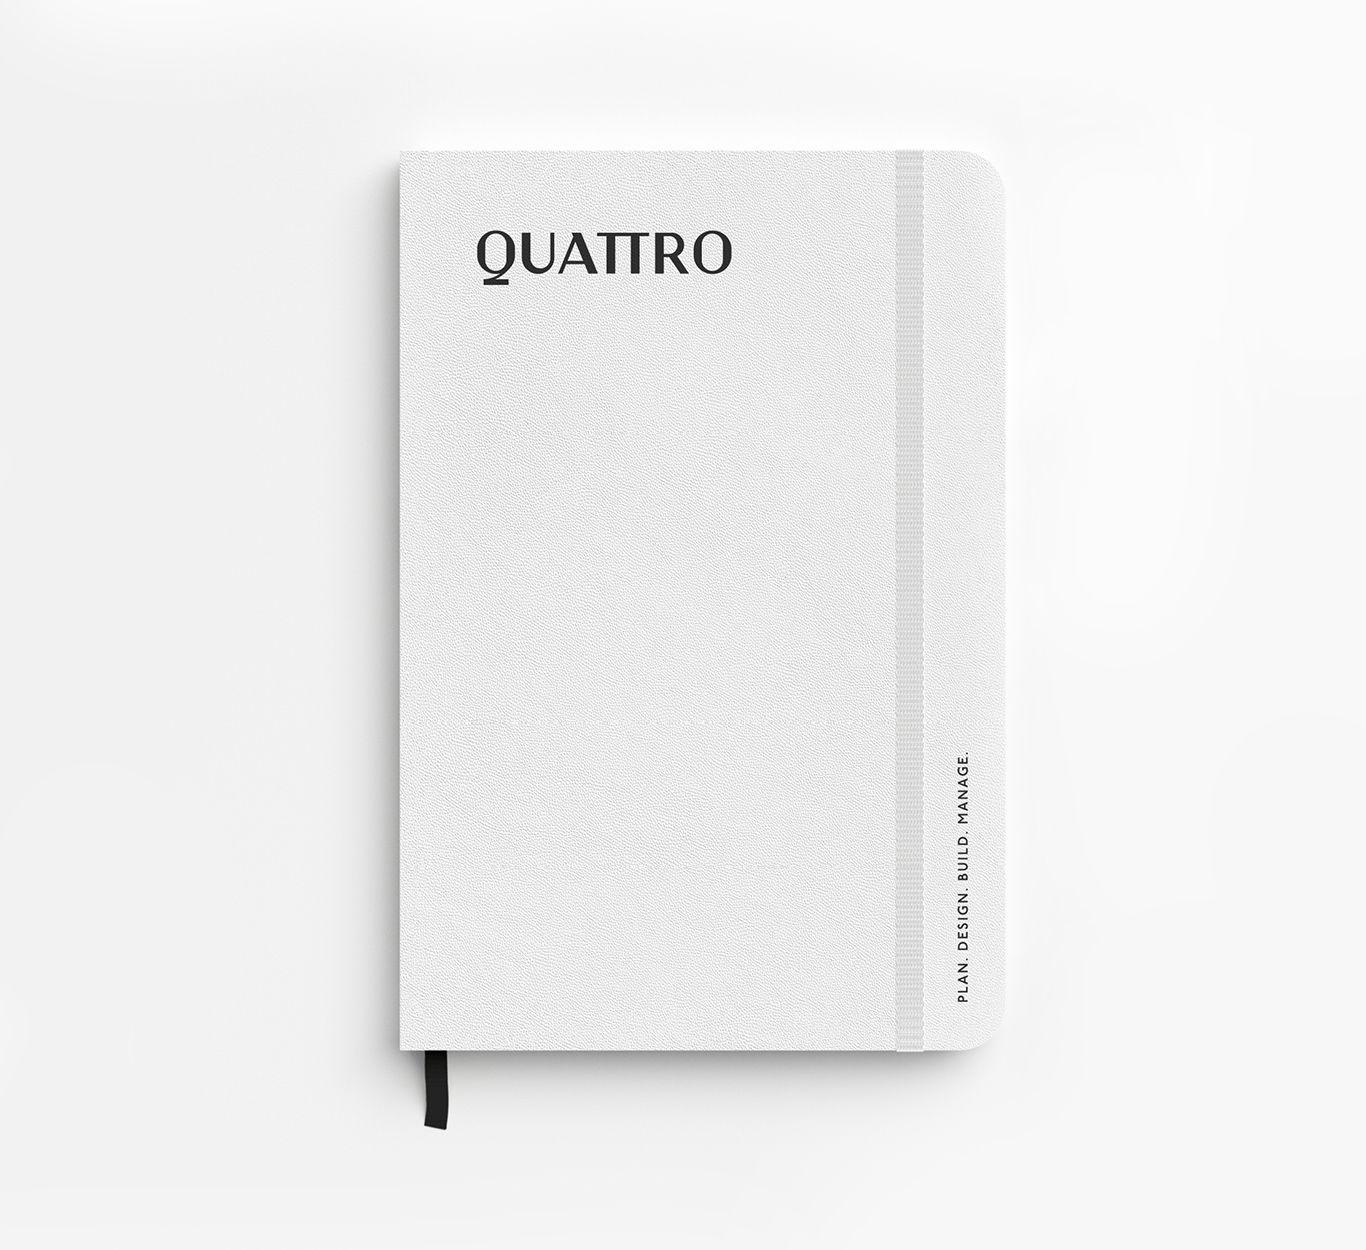 Quattro notebook